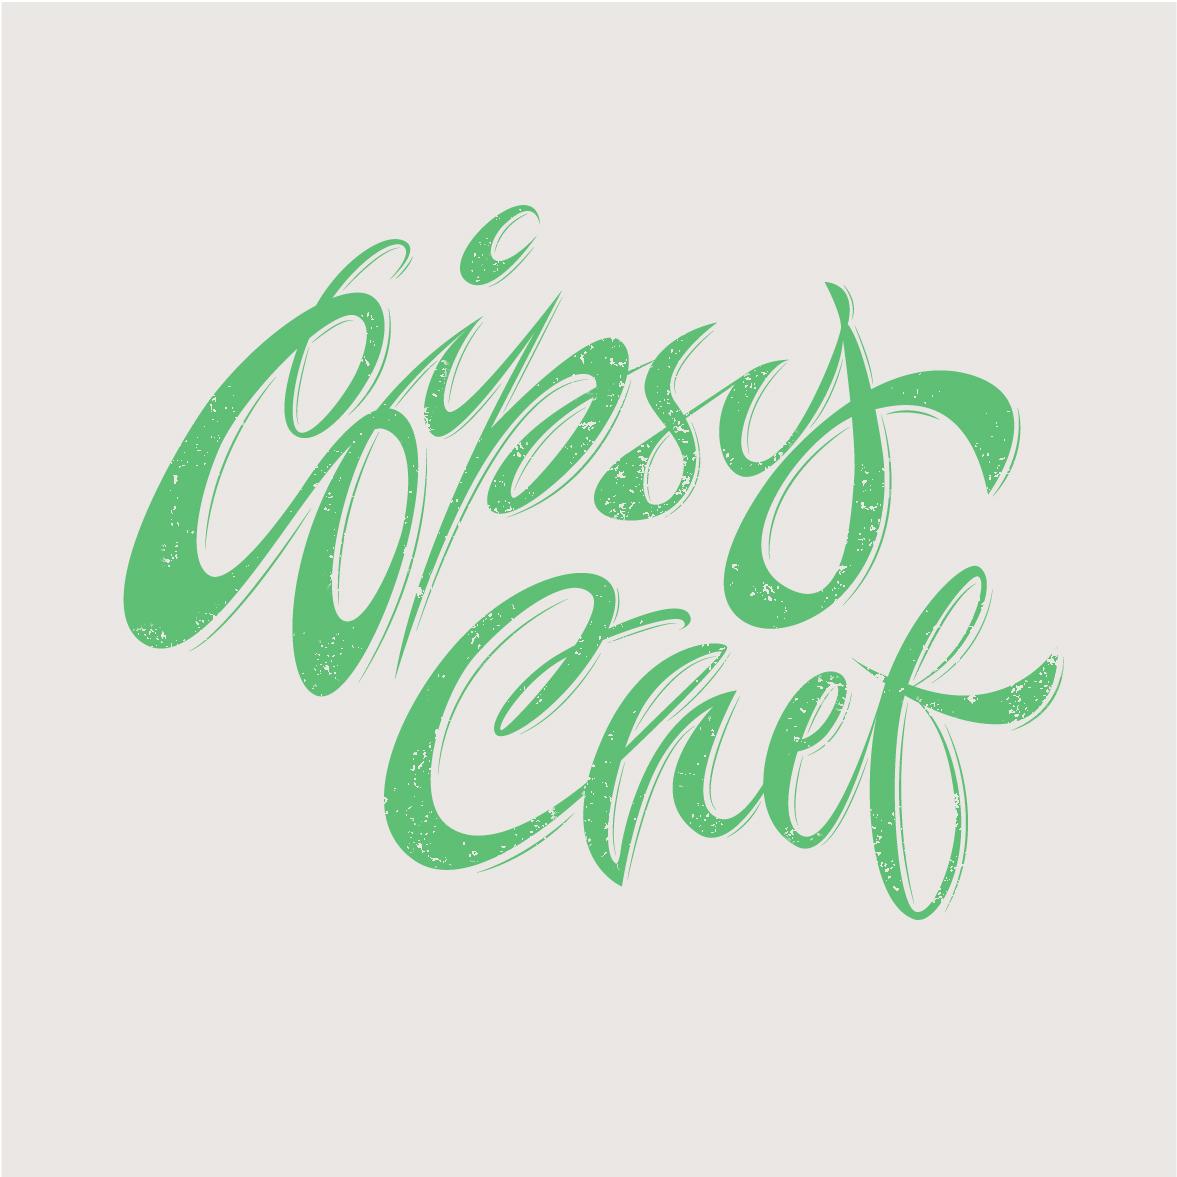 gipsy_chef-01.jpg